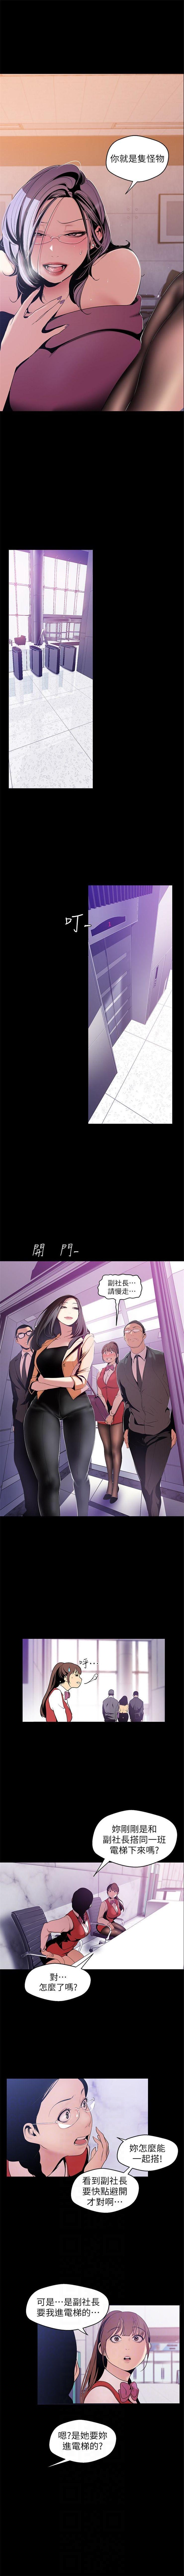 (週1)美麗新世界 1-76 中文翻譯 (更新中) 403